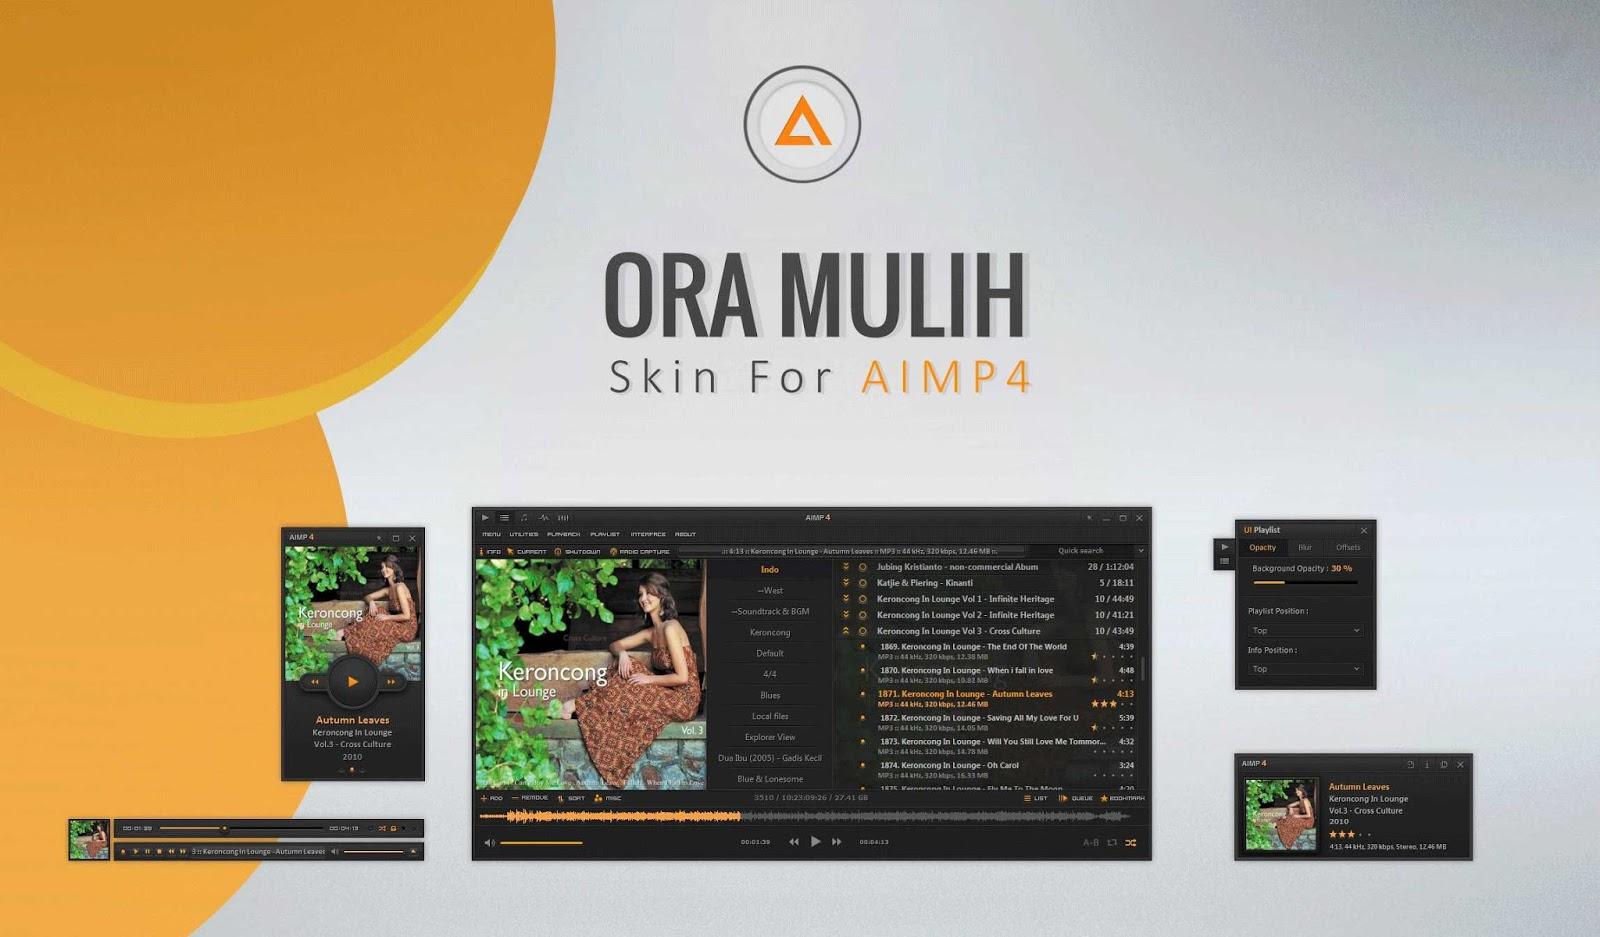 إستمتع بتحميل أجمل إضافات برنامج AIMP مجموعة رائعة من أفضل ال Skins وال Plugins المجانية